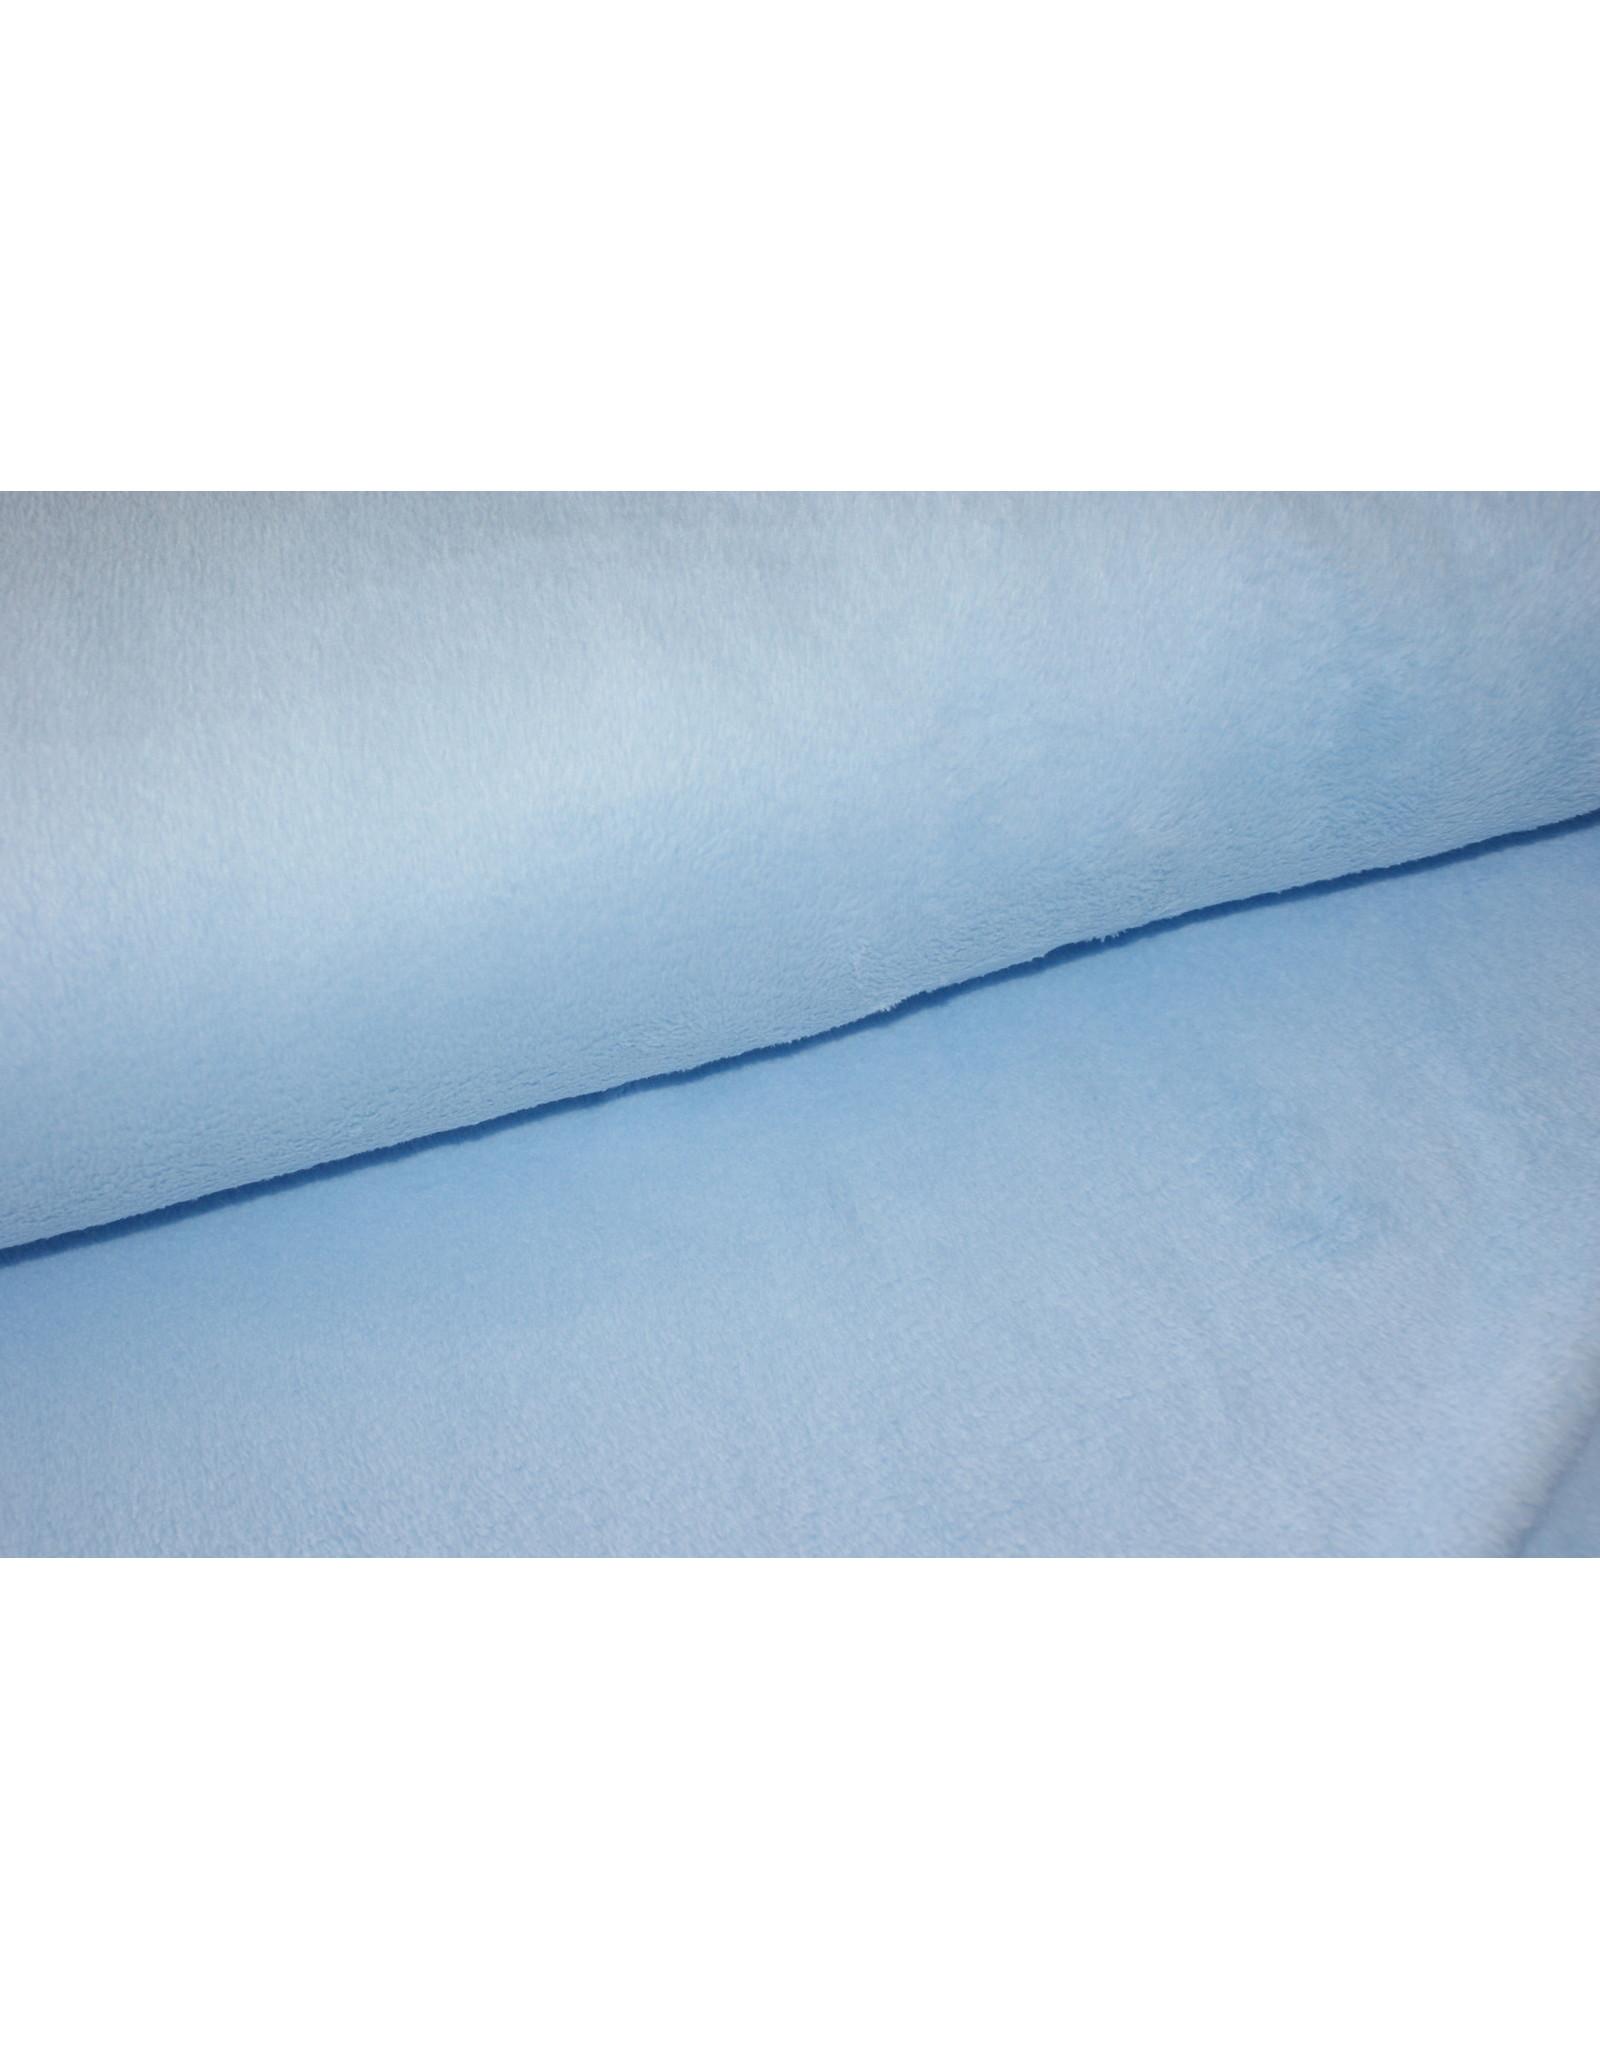 Stik-Stof Welness fleece lichtblauw